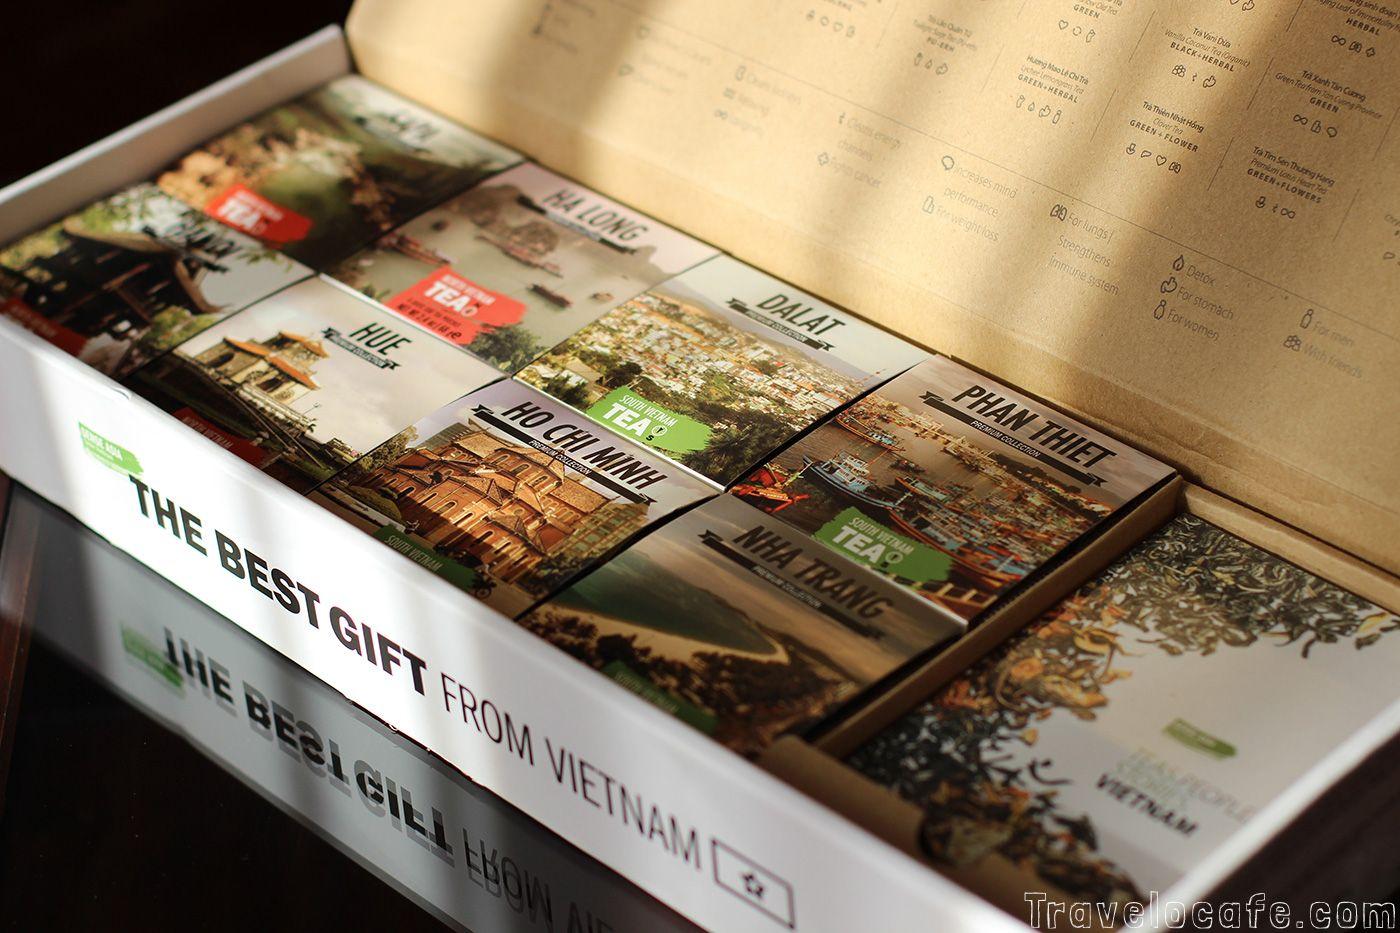 Sense Asia #Giveaway - 32 Tea Varieties from Vietnam